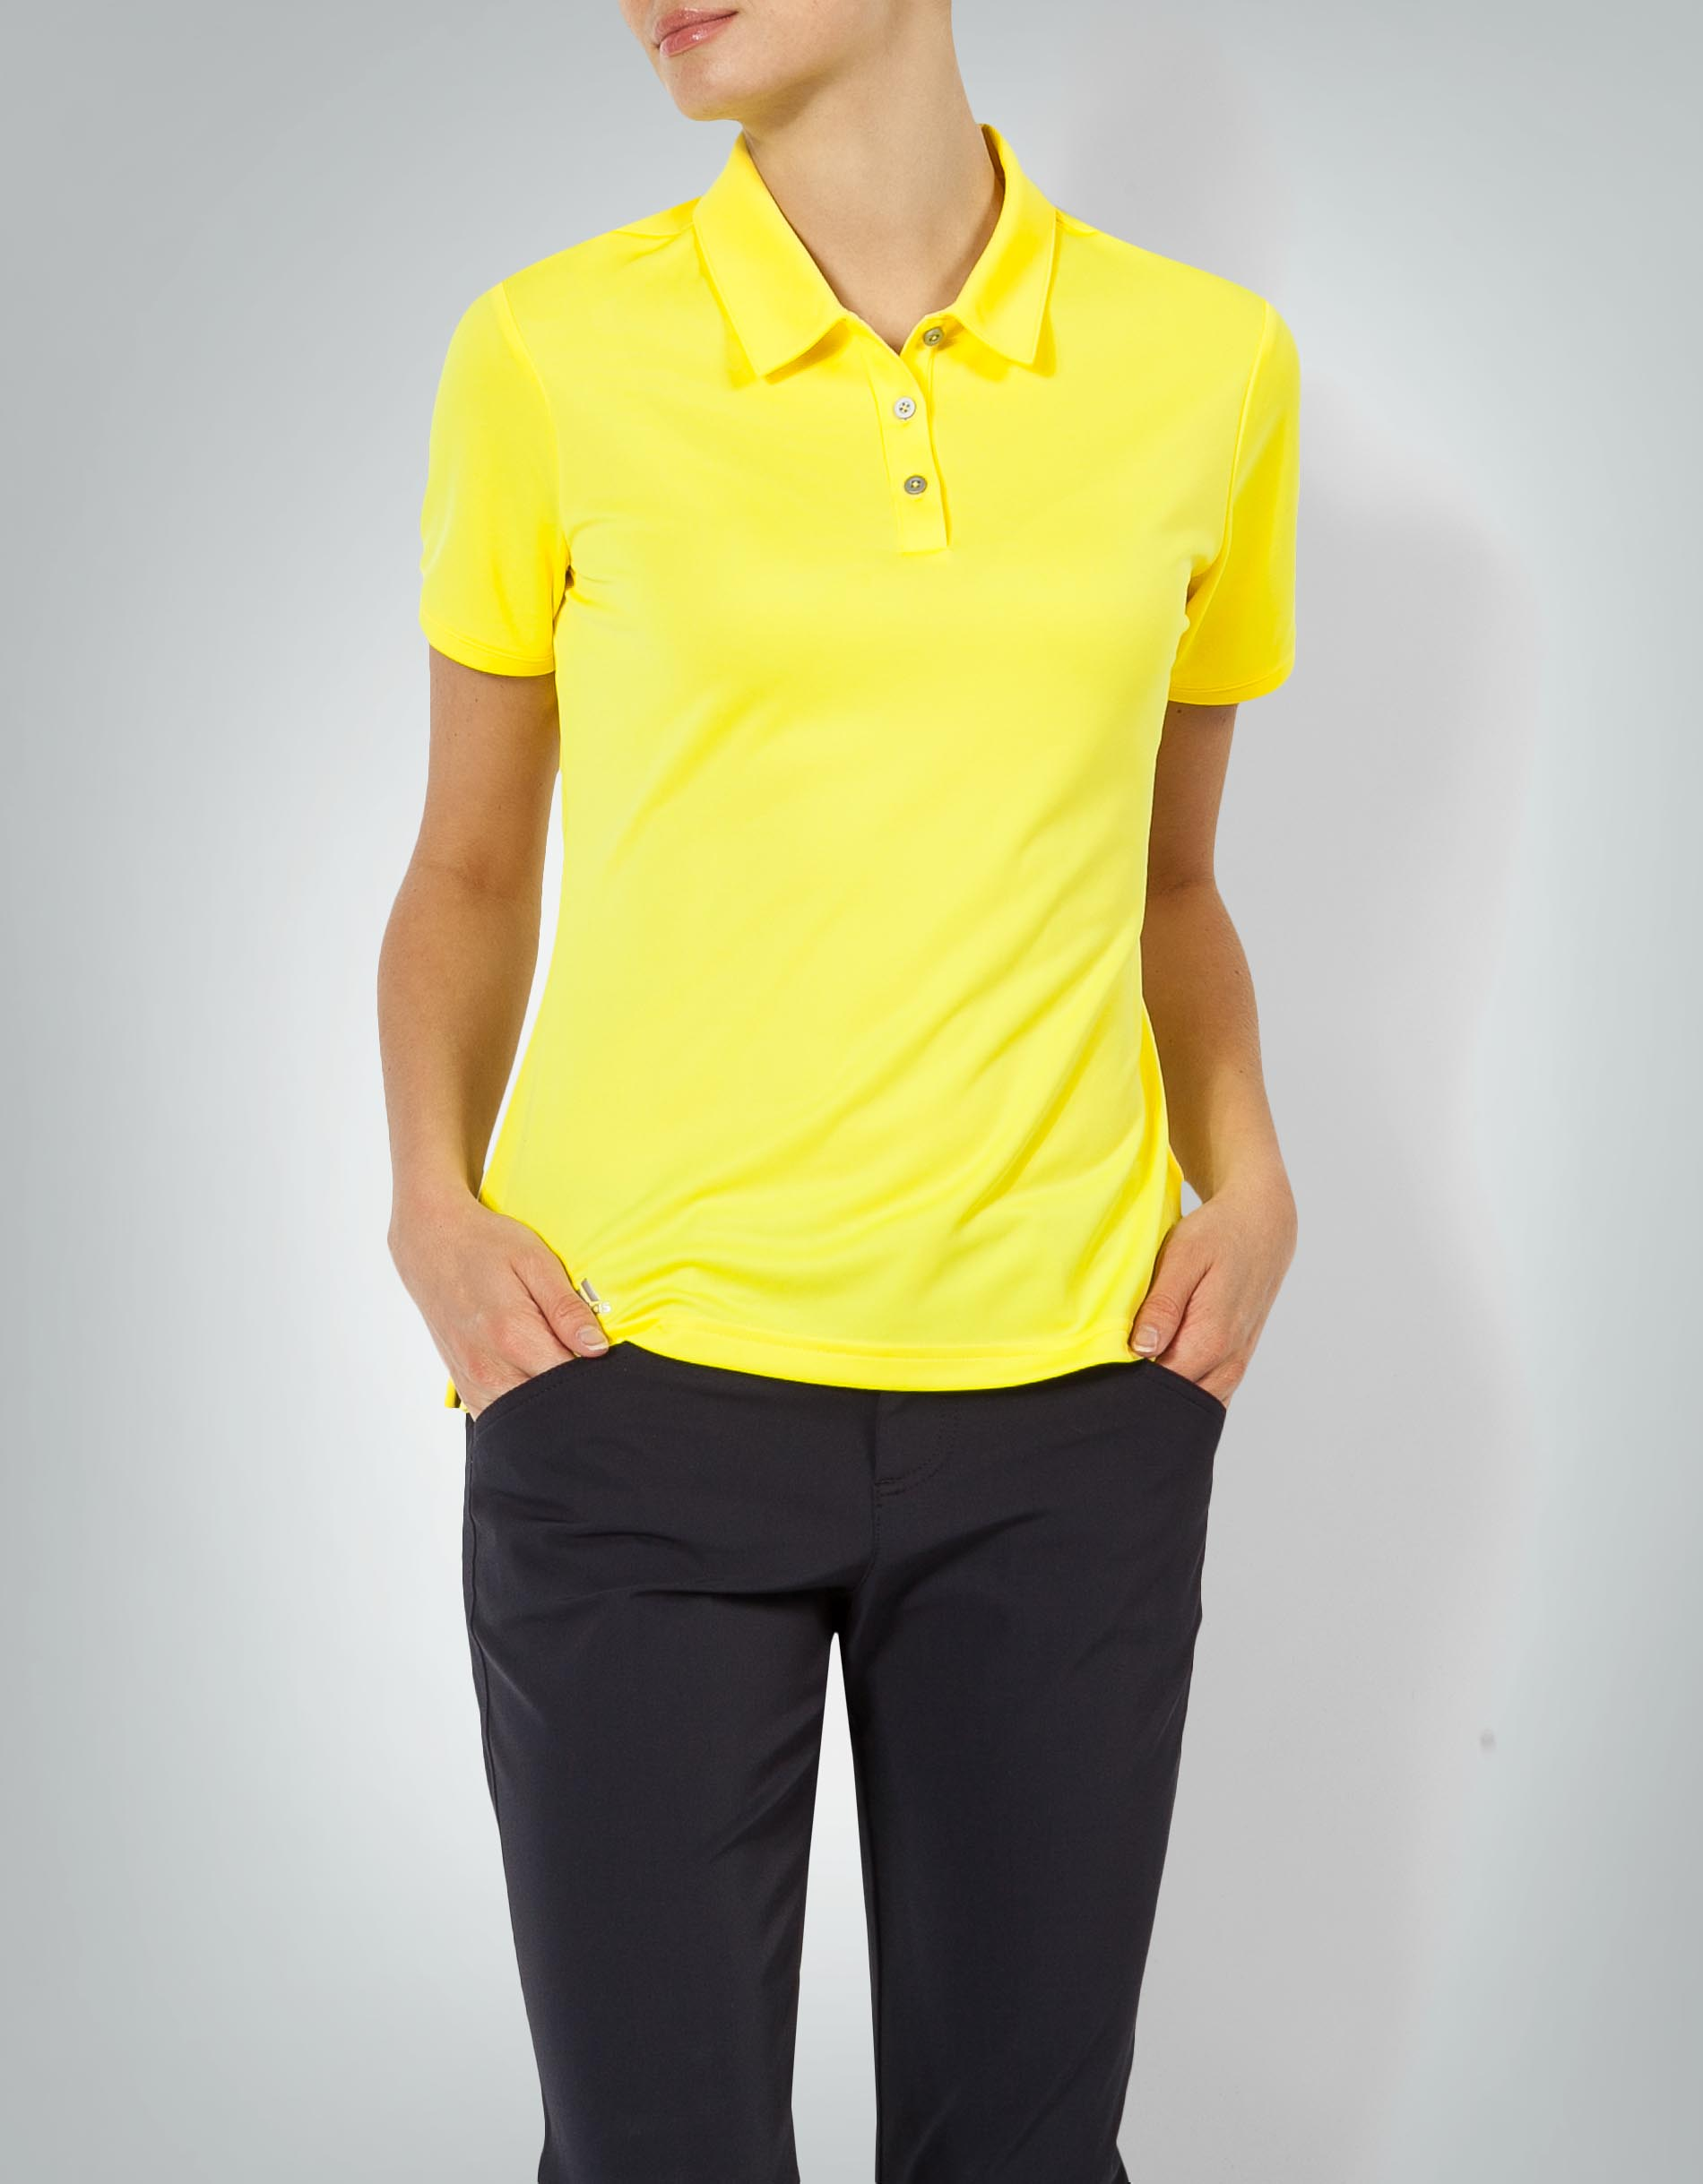 adidas Golf Damen Polo Shirt gelb im klassischen Look